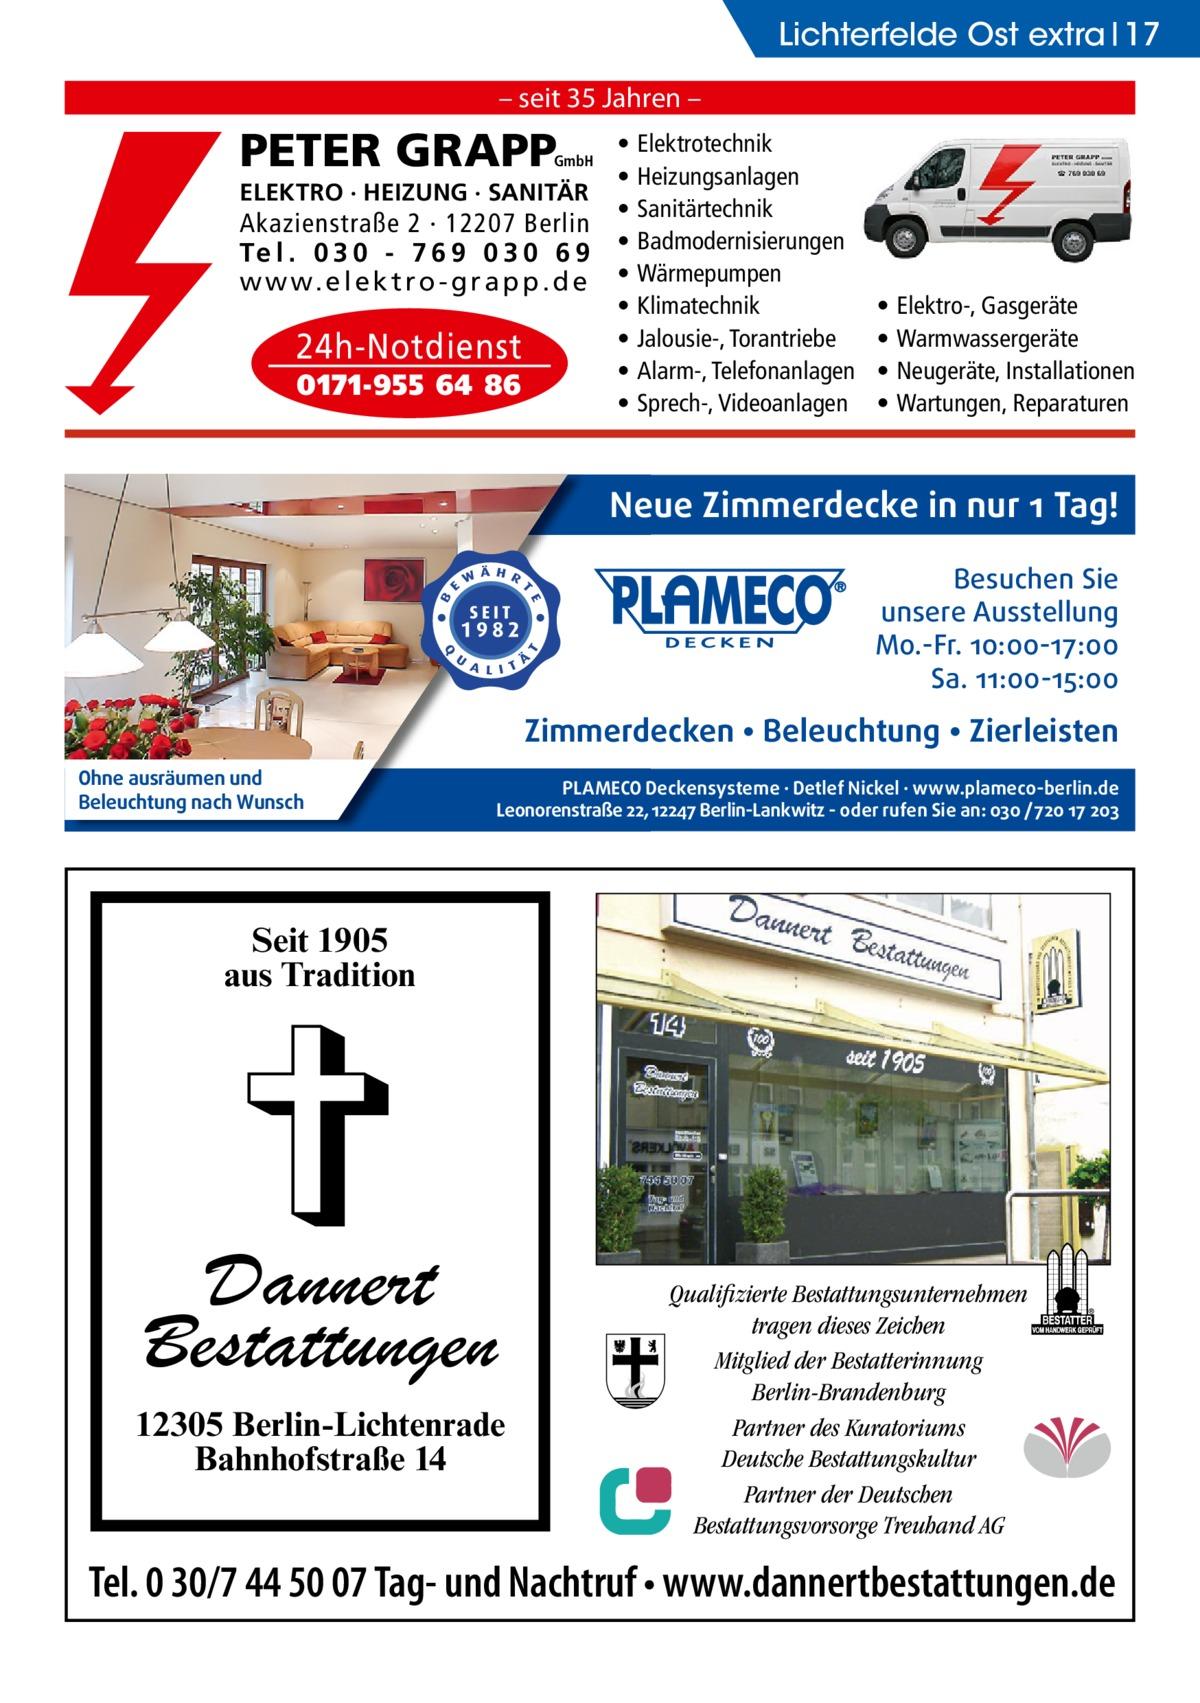 Lichterfelde Ost extra 17 – seit 35 Jahren –  PETER GRAPP  GmbH  ELEKTRO · HEIZUNG · SANITÄR  Akazienstraße 2 · 12207 Berlin Te l . 0 3 0 - 7 6 9 0 3 0 6 9 w w w. e l e k t r o - g r a p p . d e  24h-Notdienst 0171-955 64 86  • • • • • • • • •  Elektrotechnik Heizungsanlagen Sanitärtechnik Badmodernisierungen Wärmepumpen Klimatechnik Jalousie-, Torantriebe Alarm-, Telefonanlagen Sprech-, Videoanlagen  • • • •  Elektro-, Gasgeräte Warmwassergeräte Neugeräte, Installationen Wartungen, Reparaturen  Neue Zimmerdecke in nur 1 Tag! Besuchen Sie unsere Ausstellung Mo.-Fr. 10:00-17:00 Sa. 11:00-15:00  Zimmerdecken • Beleuchtung • Zierleisten Ohne ausräumen und Beleuchtung nach Wunsch  PLAMECO Deckensysteme ∙ Detlef Nickel ∙ www.plameco-berlin.de Leonorenstraße 22, 12247 Berlin-Lankwitz - oder rufen Sie an: 030 /720 17 203  Seit 1905 aus Tradition  Dannert Bestattungen 12305 Berlin-Lichtenrade Bahnhofstraße 14  Qualifizierte Bestattungsunternehmen tragen dieses Zeichen Mitglied der Bestatterinnung Berlin-Brandenburg Partner des Kuratoriums Deutsche Bestattungskultur Partner der Deutschen Bestattungsvorsorge Treuhand AG  Tel. 0 30/7 44 50 07 Tag- und Nachtruf • www.dannertbestattungen.de